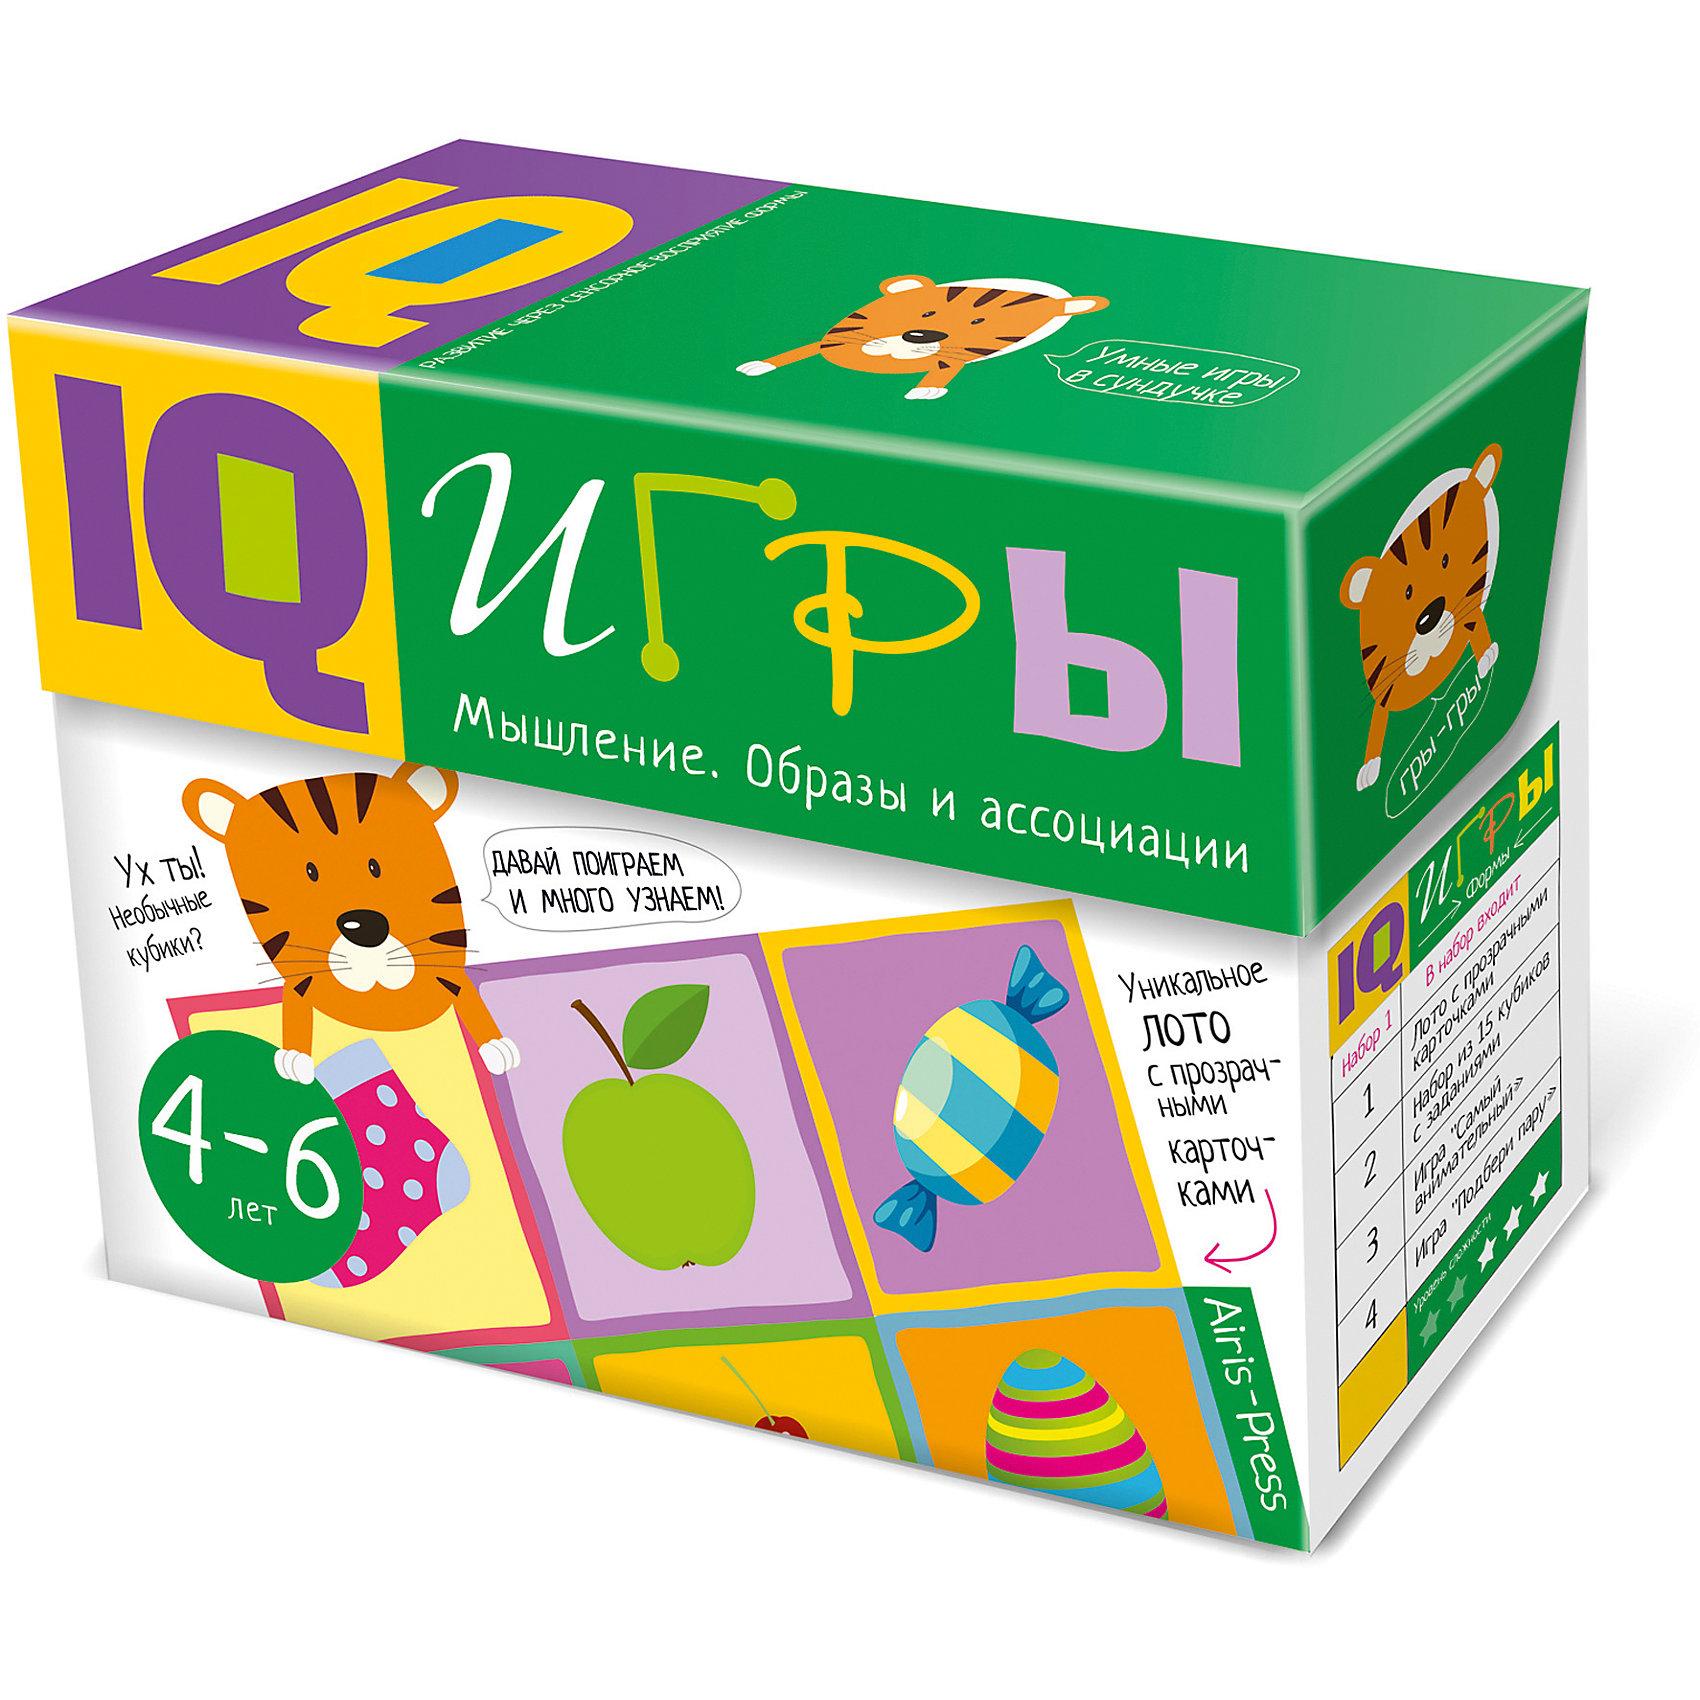 Сундучок с  IQ играми Мышление: Образы и ассоциации, 4-6 летКниги для развития мышления<br>IQ-игры «Мышление. Образы и ассоциации» — это набор интересных игр для активной подготовки к школе. Они направлены на развитие сенсорики, внимания, памяти, мышления, воображения и речи. В процессе игры ребёнок будет соотносить объём и плоскость, научится узнавать предмет по силуэту, выделять характерные детали, находить ассоциативные связи между предметами. Он сможет самостоятельно определять, правильно ли выполнено задание, научится видеть свои ошибки и исправлять их. Играть можно вдвоём (если ребёнок маленький) или в компании (хороший вариант для старших дошкольников).&#13;<br>В игровой комплект включены 5 развивающих игр: IQ-лото с 54 прозрачными карточками, 12 кубиков с изображением геометрических фигур, увлекательная игра-головоломка «Я сочиняю сказку», необычная игра с прищепками «Подбери пару», игра с маркером «Кляксики», а также методическое пособие с подробным описанием заданий. &#13;<br>Набор предназначен для детей 4-6лет.<br><br>Ширина мм: 80<br>Глубина мм: 220<br>Высота мм: 165<br>Вес г: 780<br>Возраст от месяцев: 48<br>Возраст до месяцев: 72<br>Пол: Унисекс<br>Возраст: Детский<br>SKU: 6849585